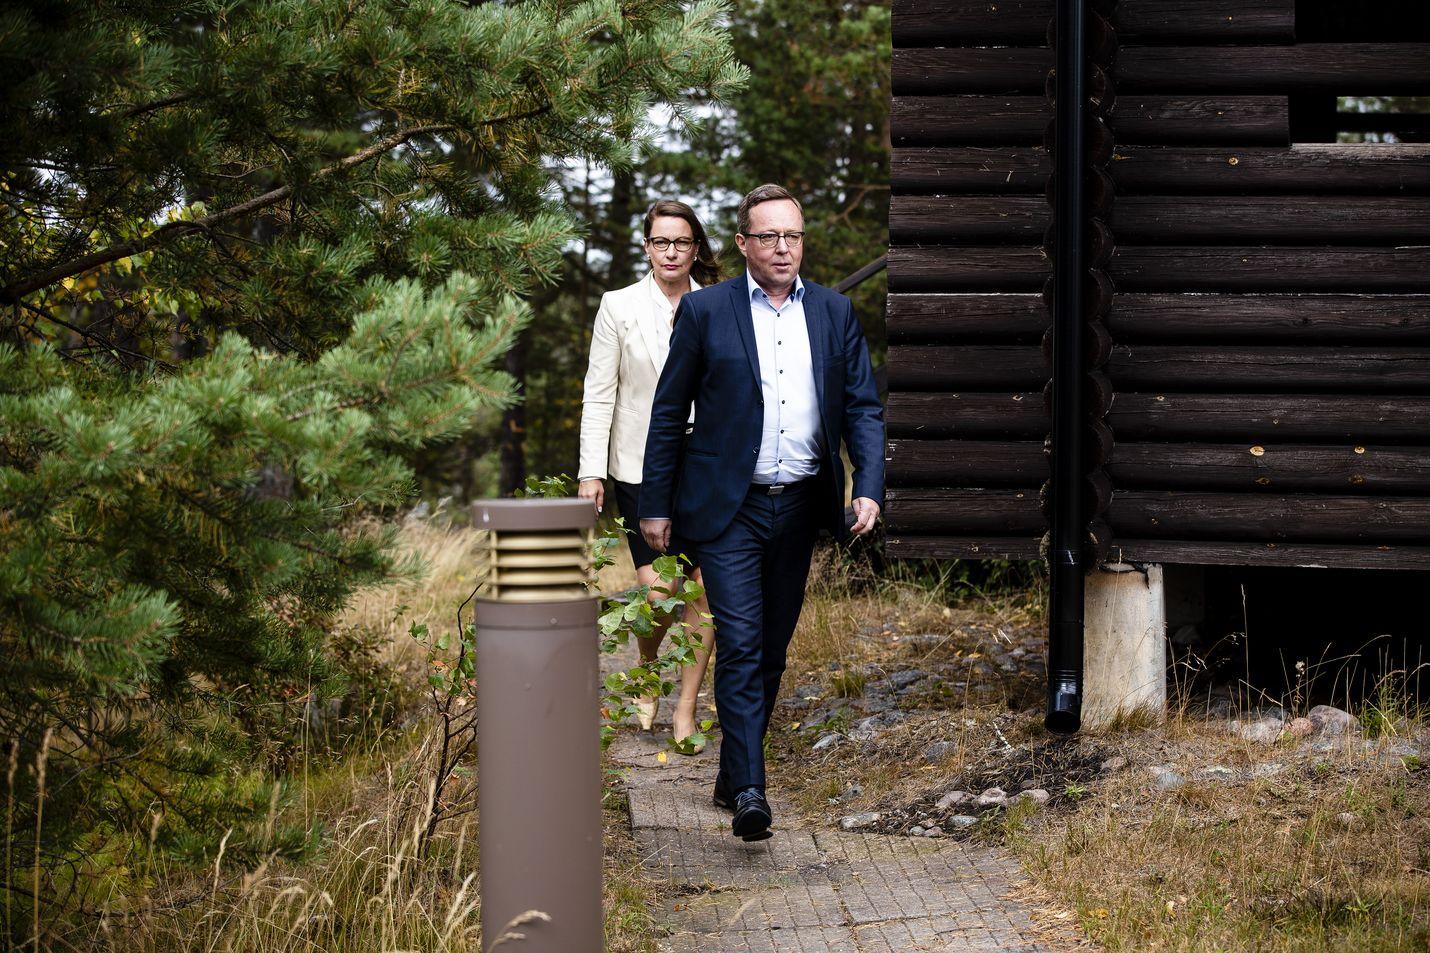 Valtiovarainministeri Mika Lintilä ja valtiovarainministeriön viestintäjohtaja Liinu Lehto saapumassa tiedotustilaisuuteen Espoon Moisniemessä Rajavartiolaitoksen huvilalla.